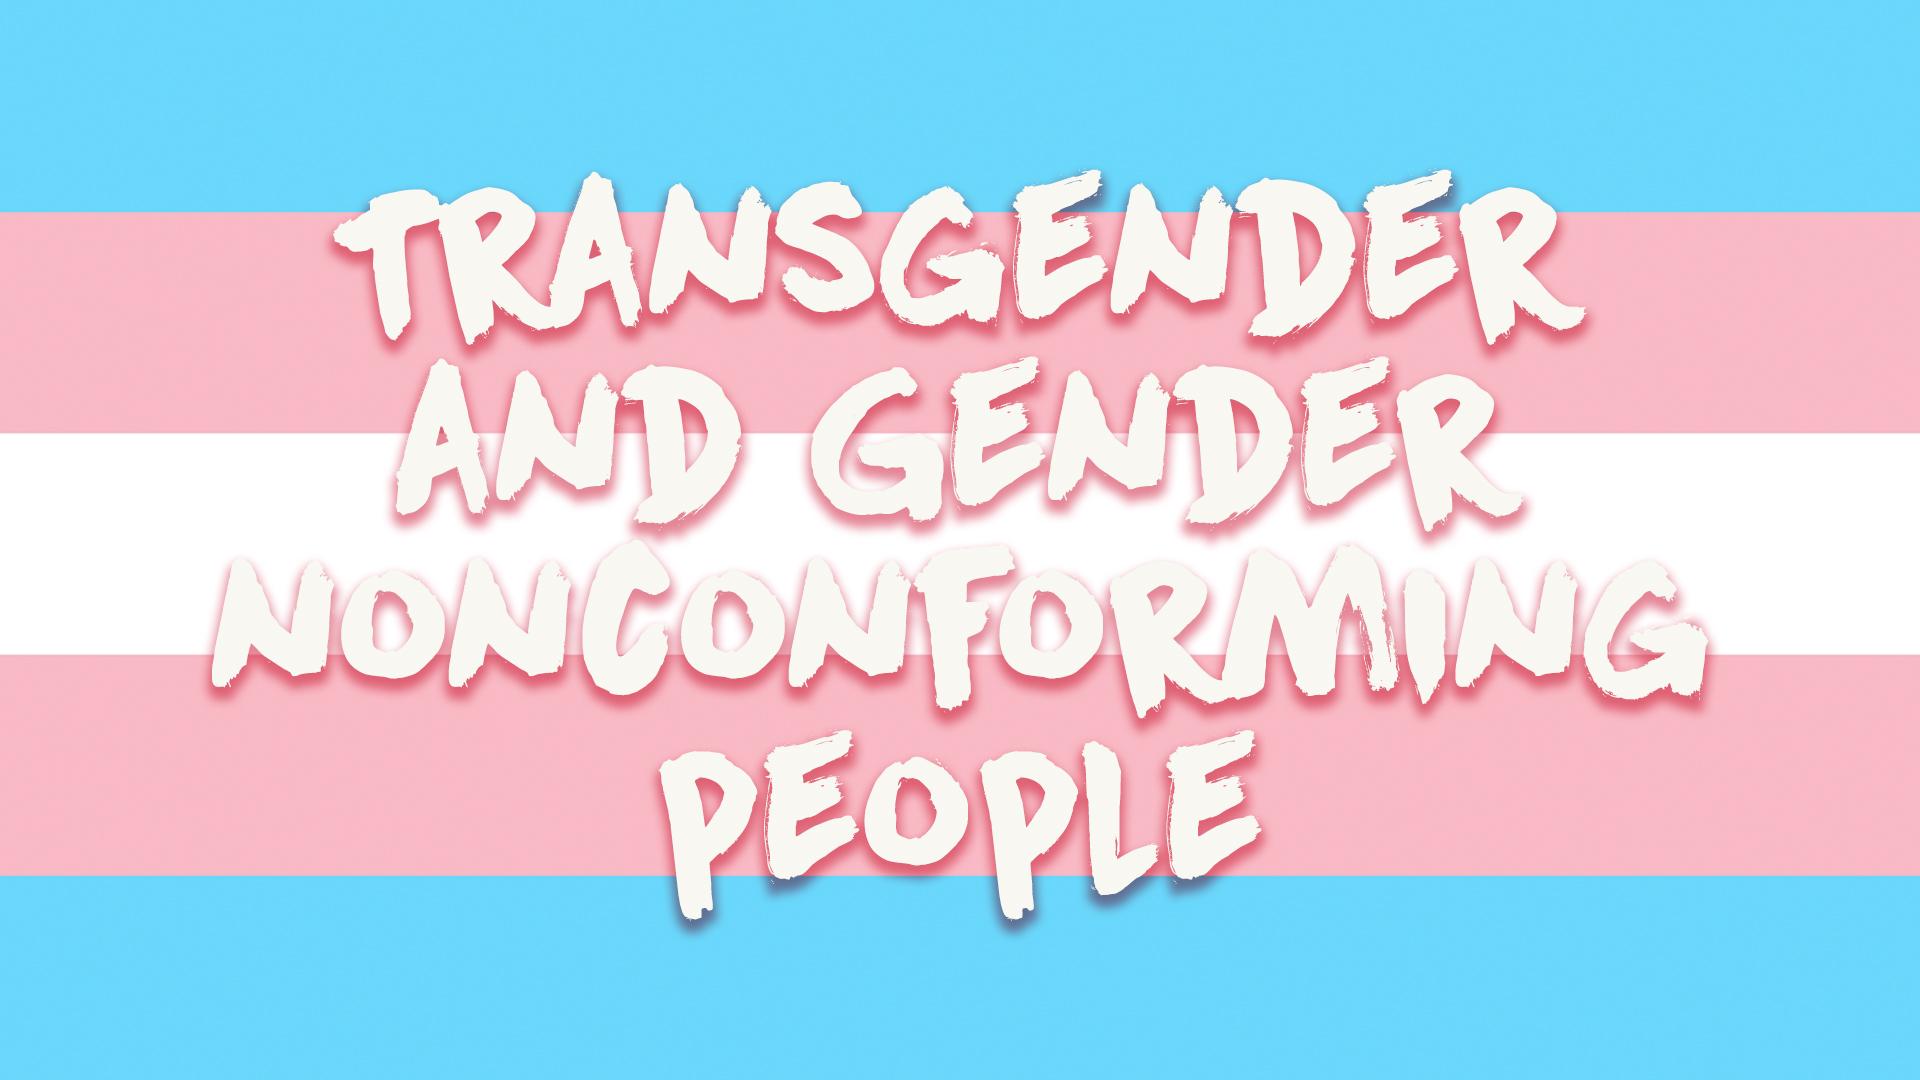 Transgender And Gender Nonconforming People